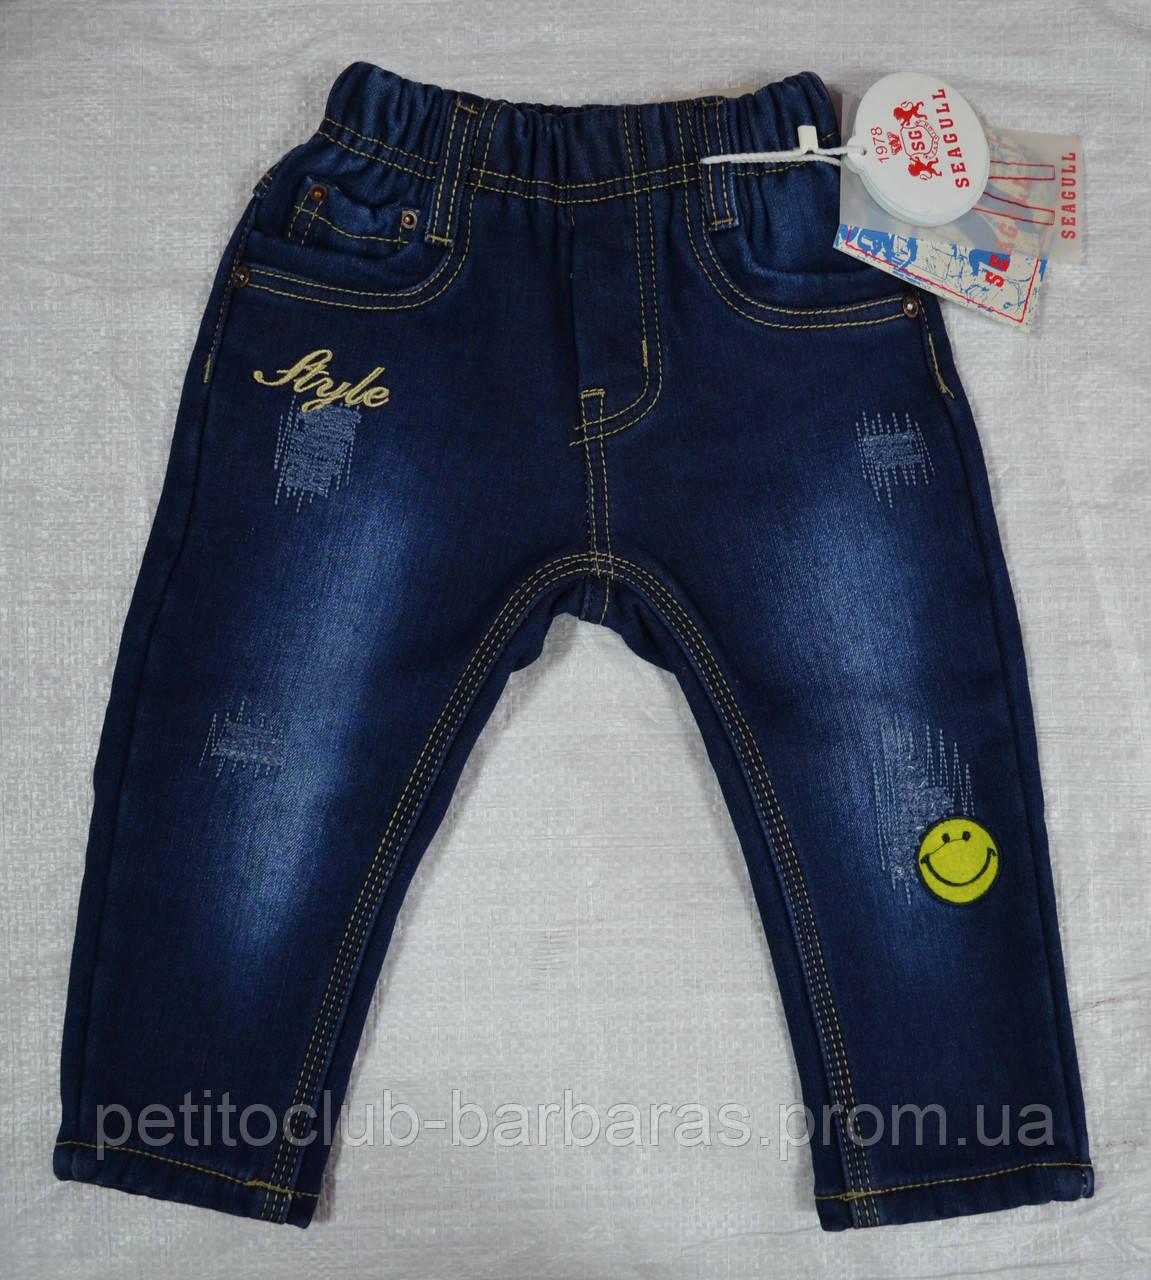 Детские джинсы теплые на флисе синие р. 6, 12, 18 мес (Seagull, Венгрия)